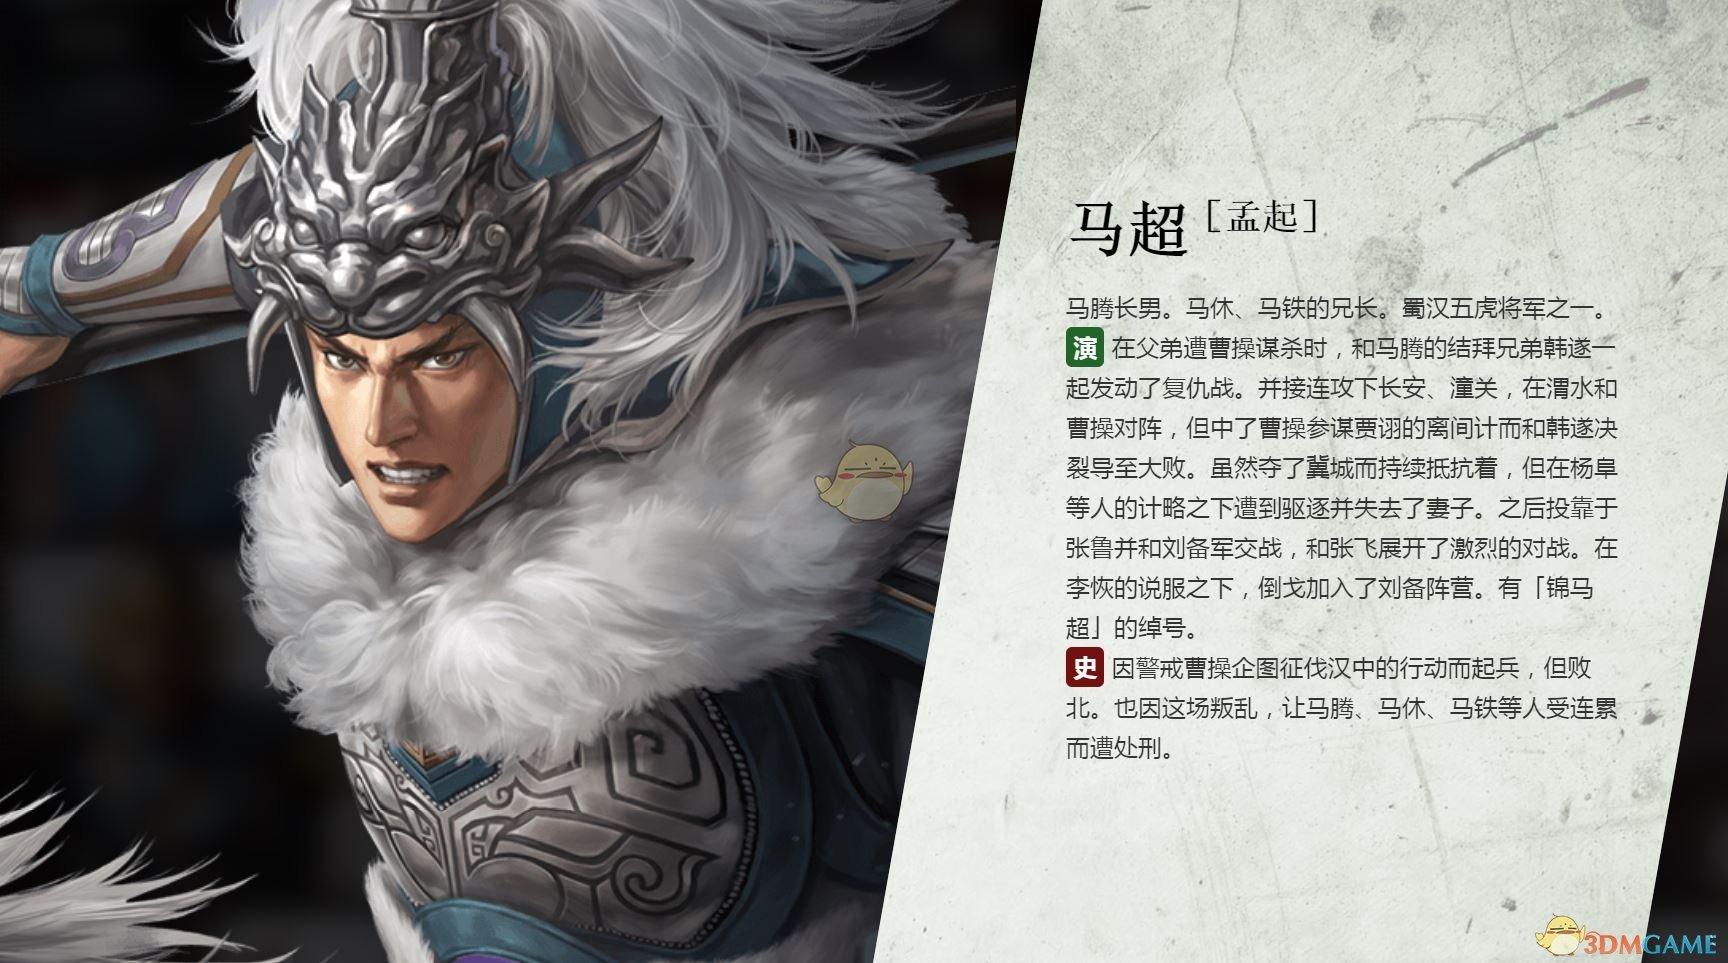 《三国志14》马超人物背景介绍